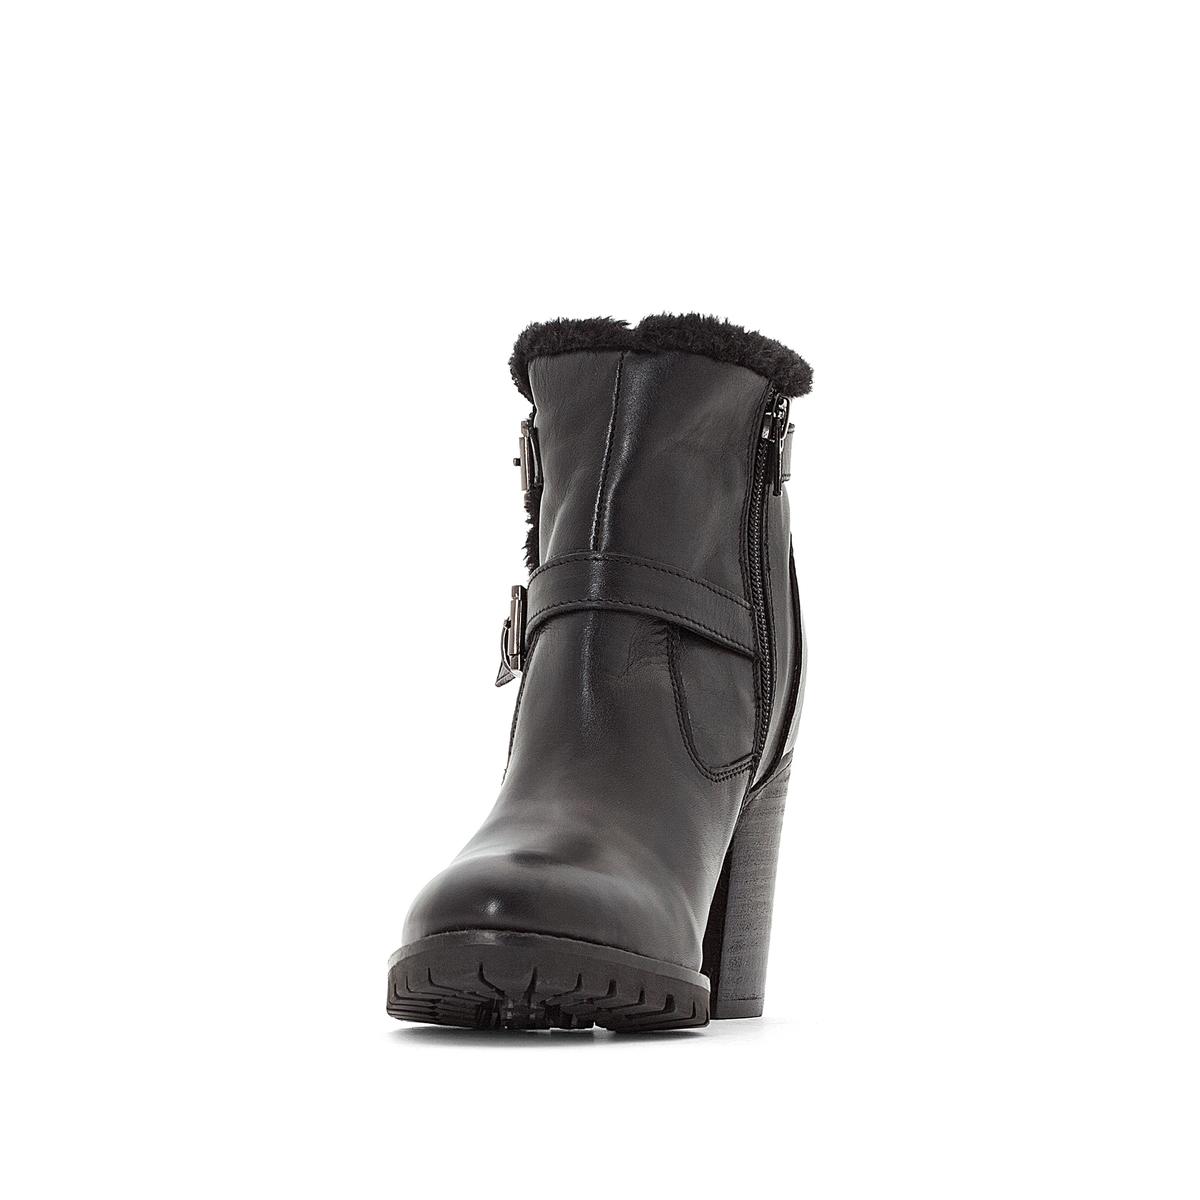 Imagen secundaria de producto de Botines de piel con tacones Skyllie - Kickers